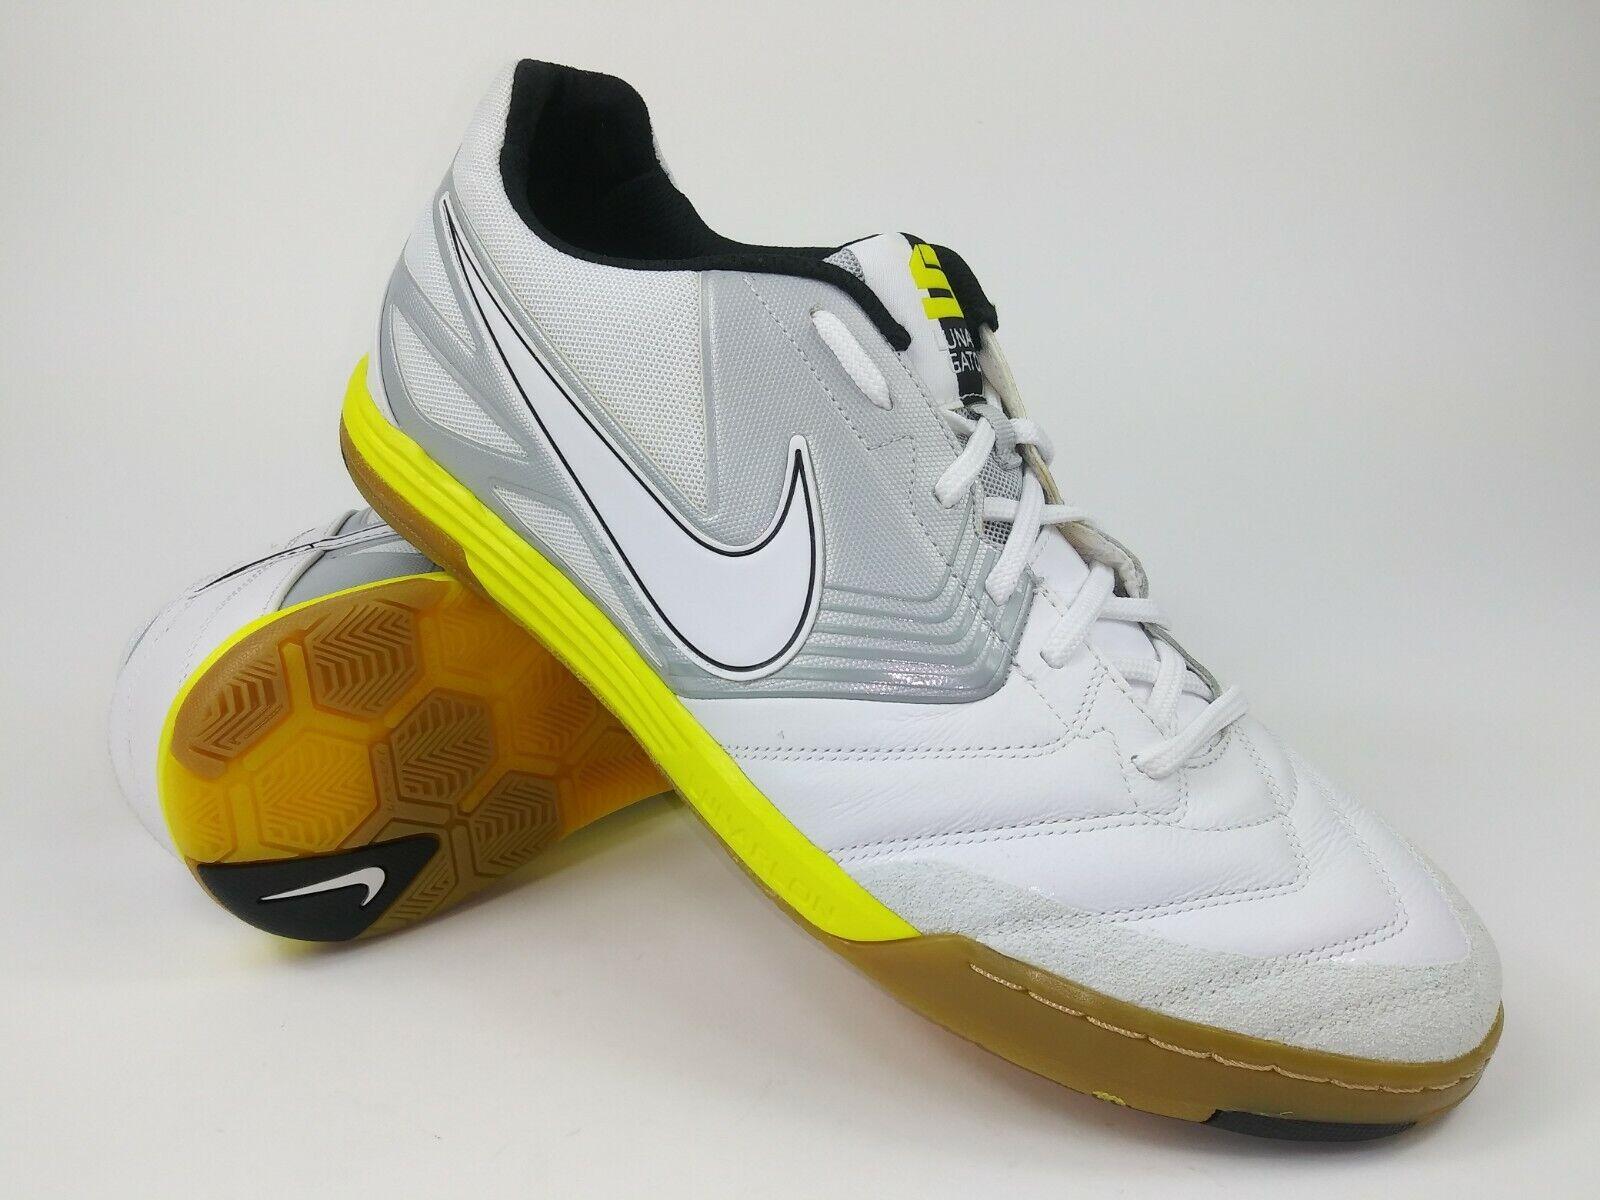 Nike Hombre Raro Nike 5 Lunar Gato 415124-117 blancoo Amarillo Interior Zapatos Talla 12